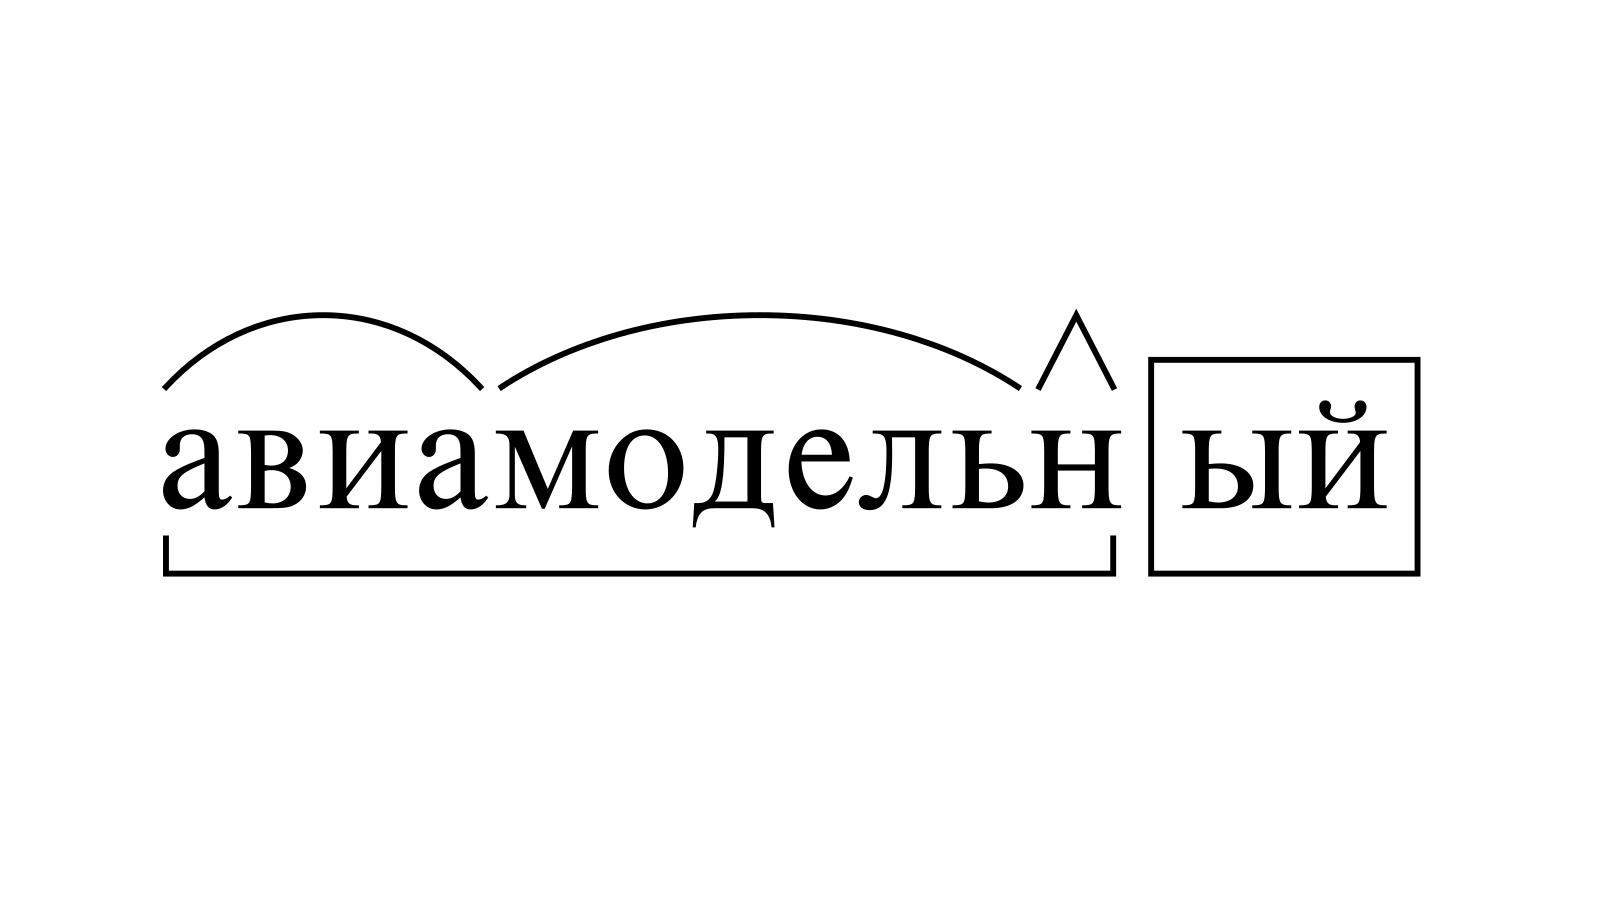 Разбор слова «авиамодельный» по составу